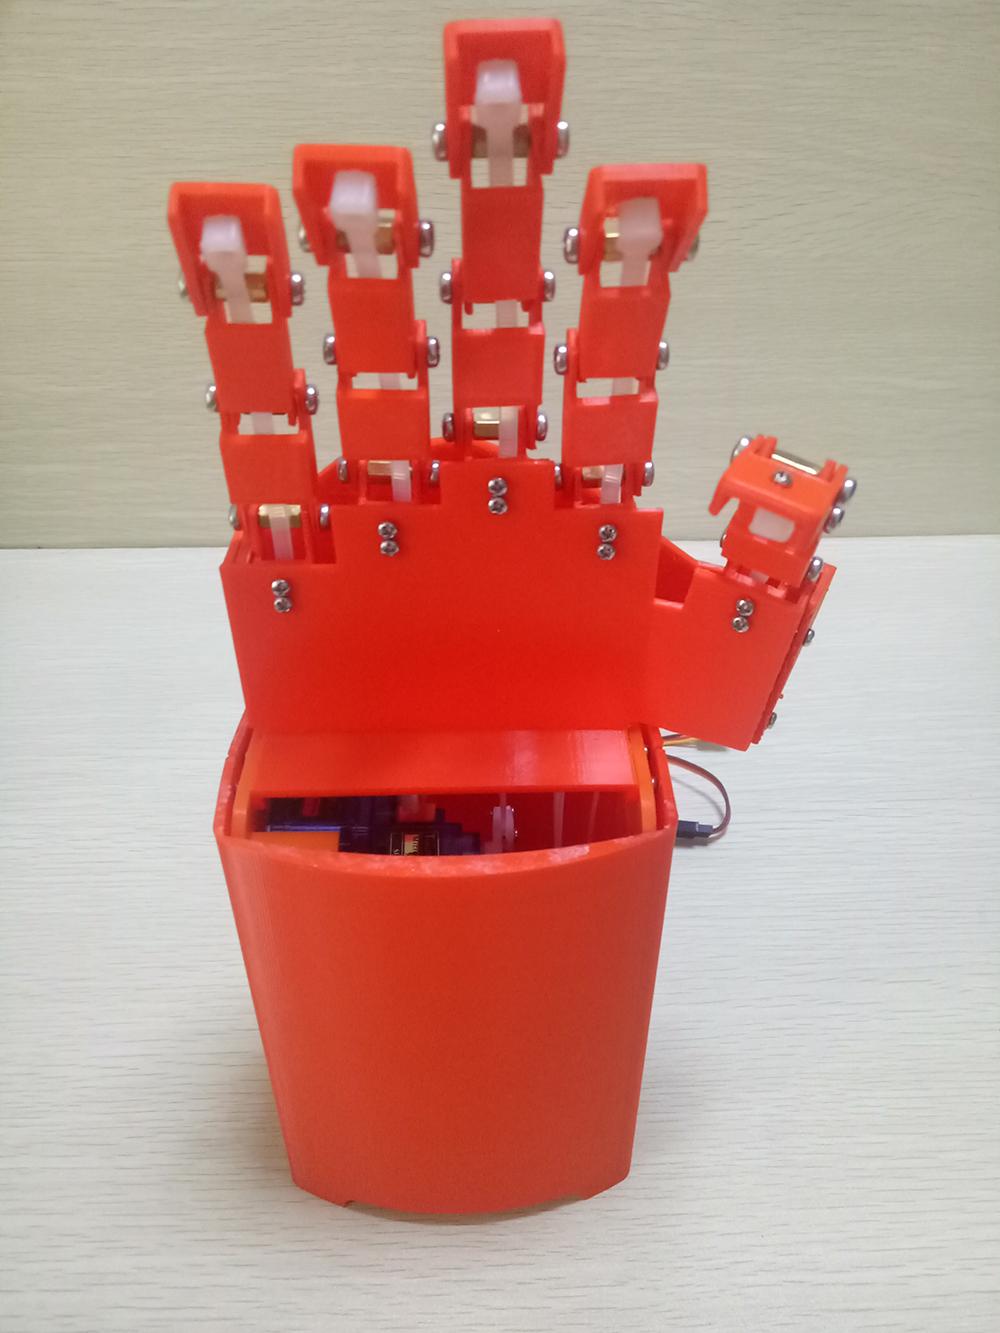 仿生5指同步控制机械手/同步机械手臂/机器人手指/数据手套